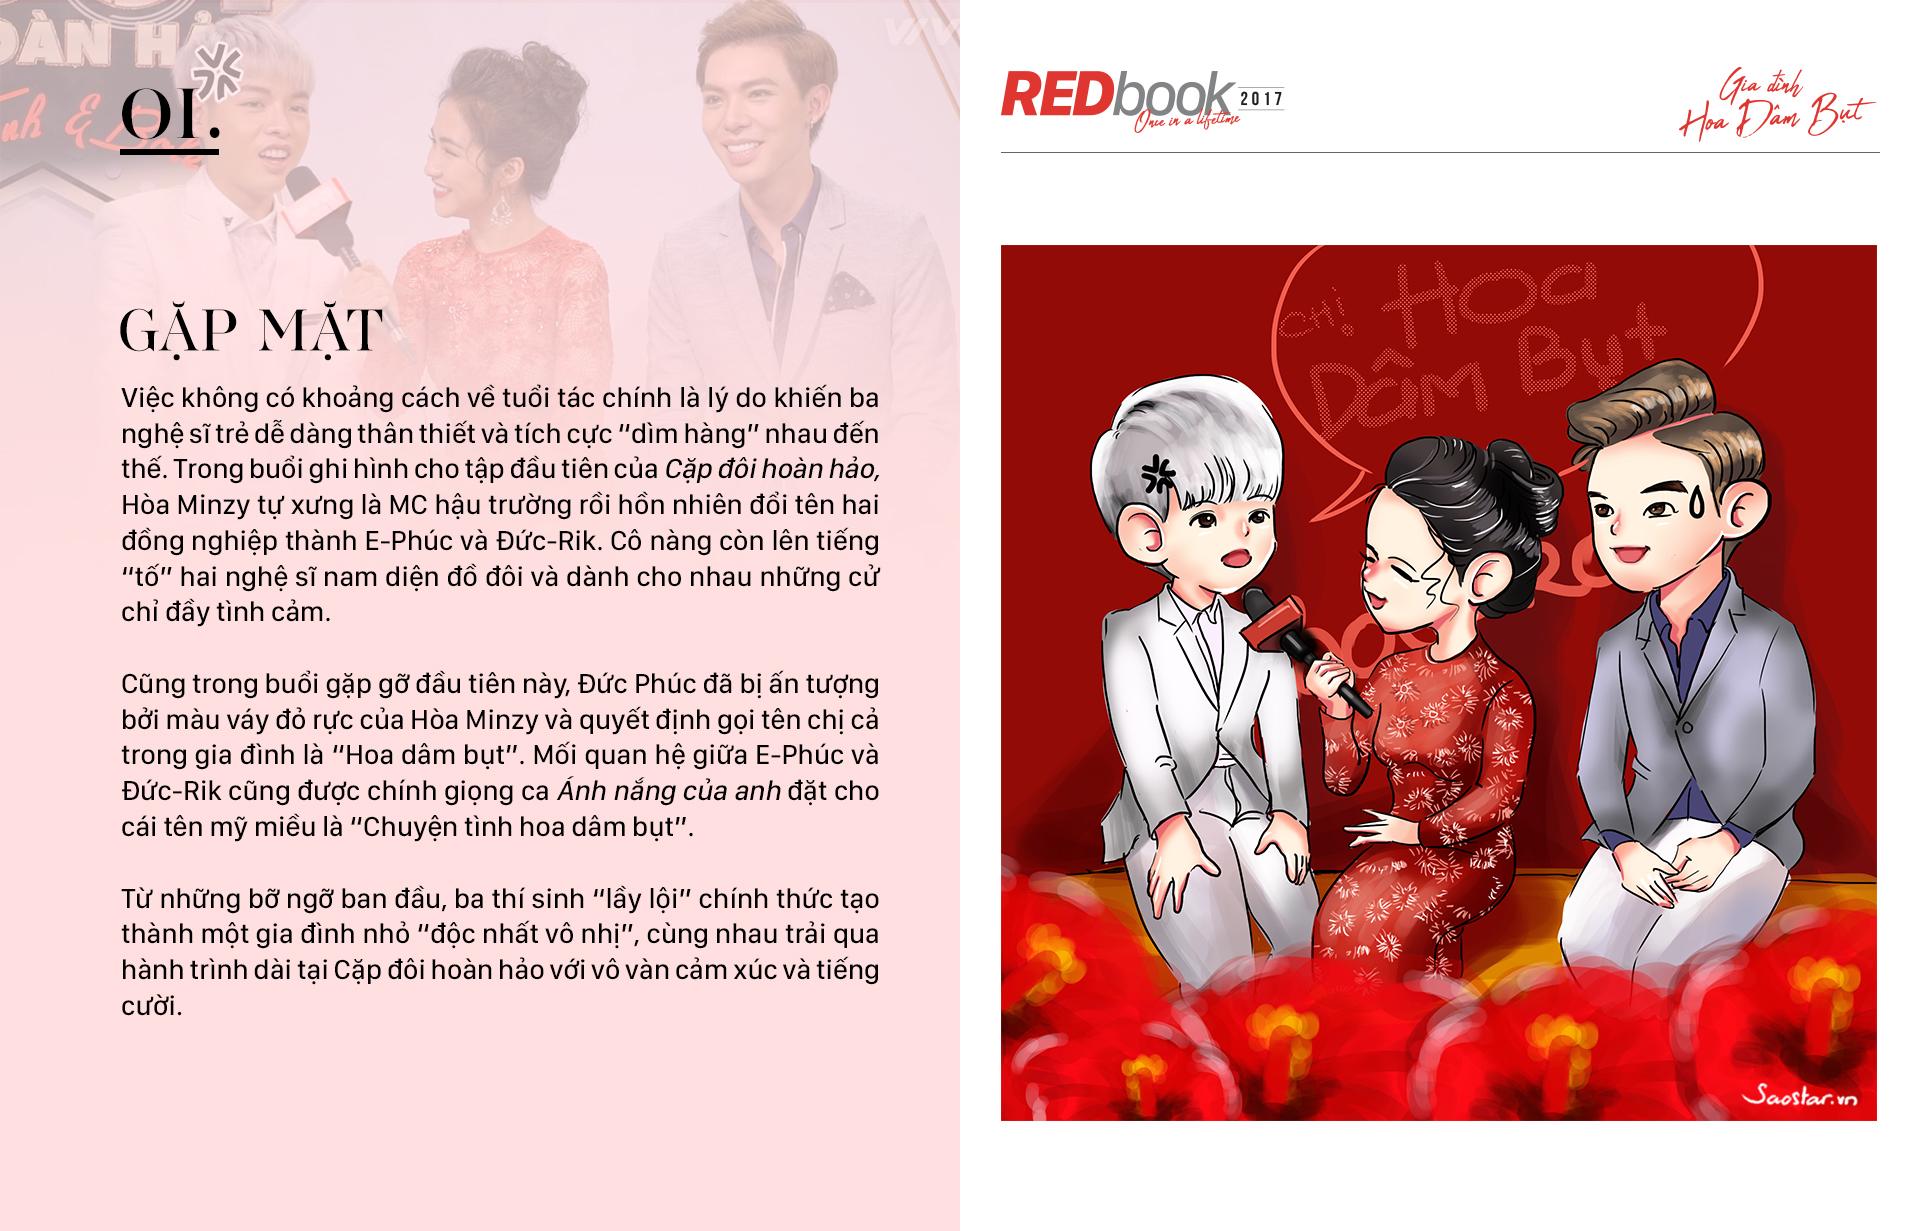 REDbook Tết Mậu Tuất - Ngôi sao mùng 4 Tết: Gia đình Hoa dâm bụt